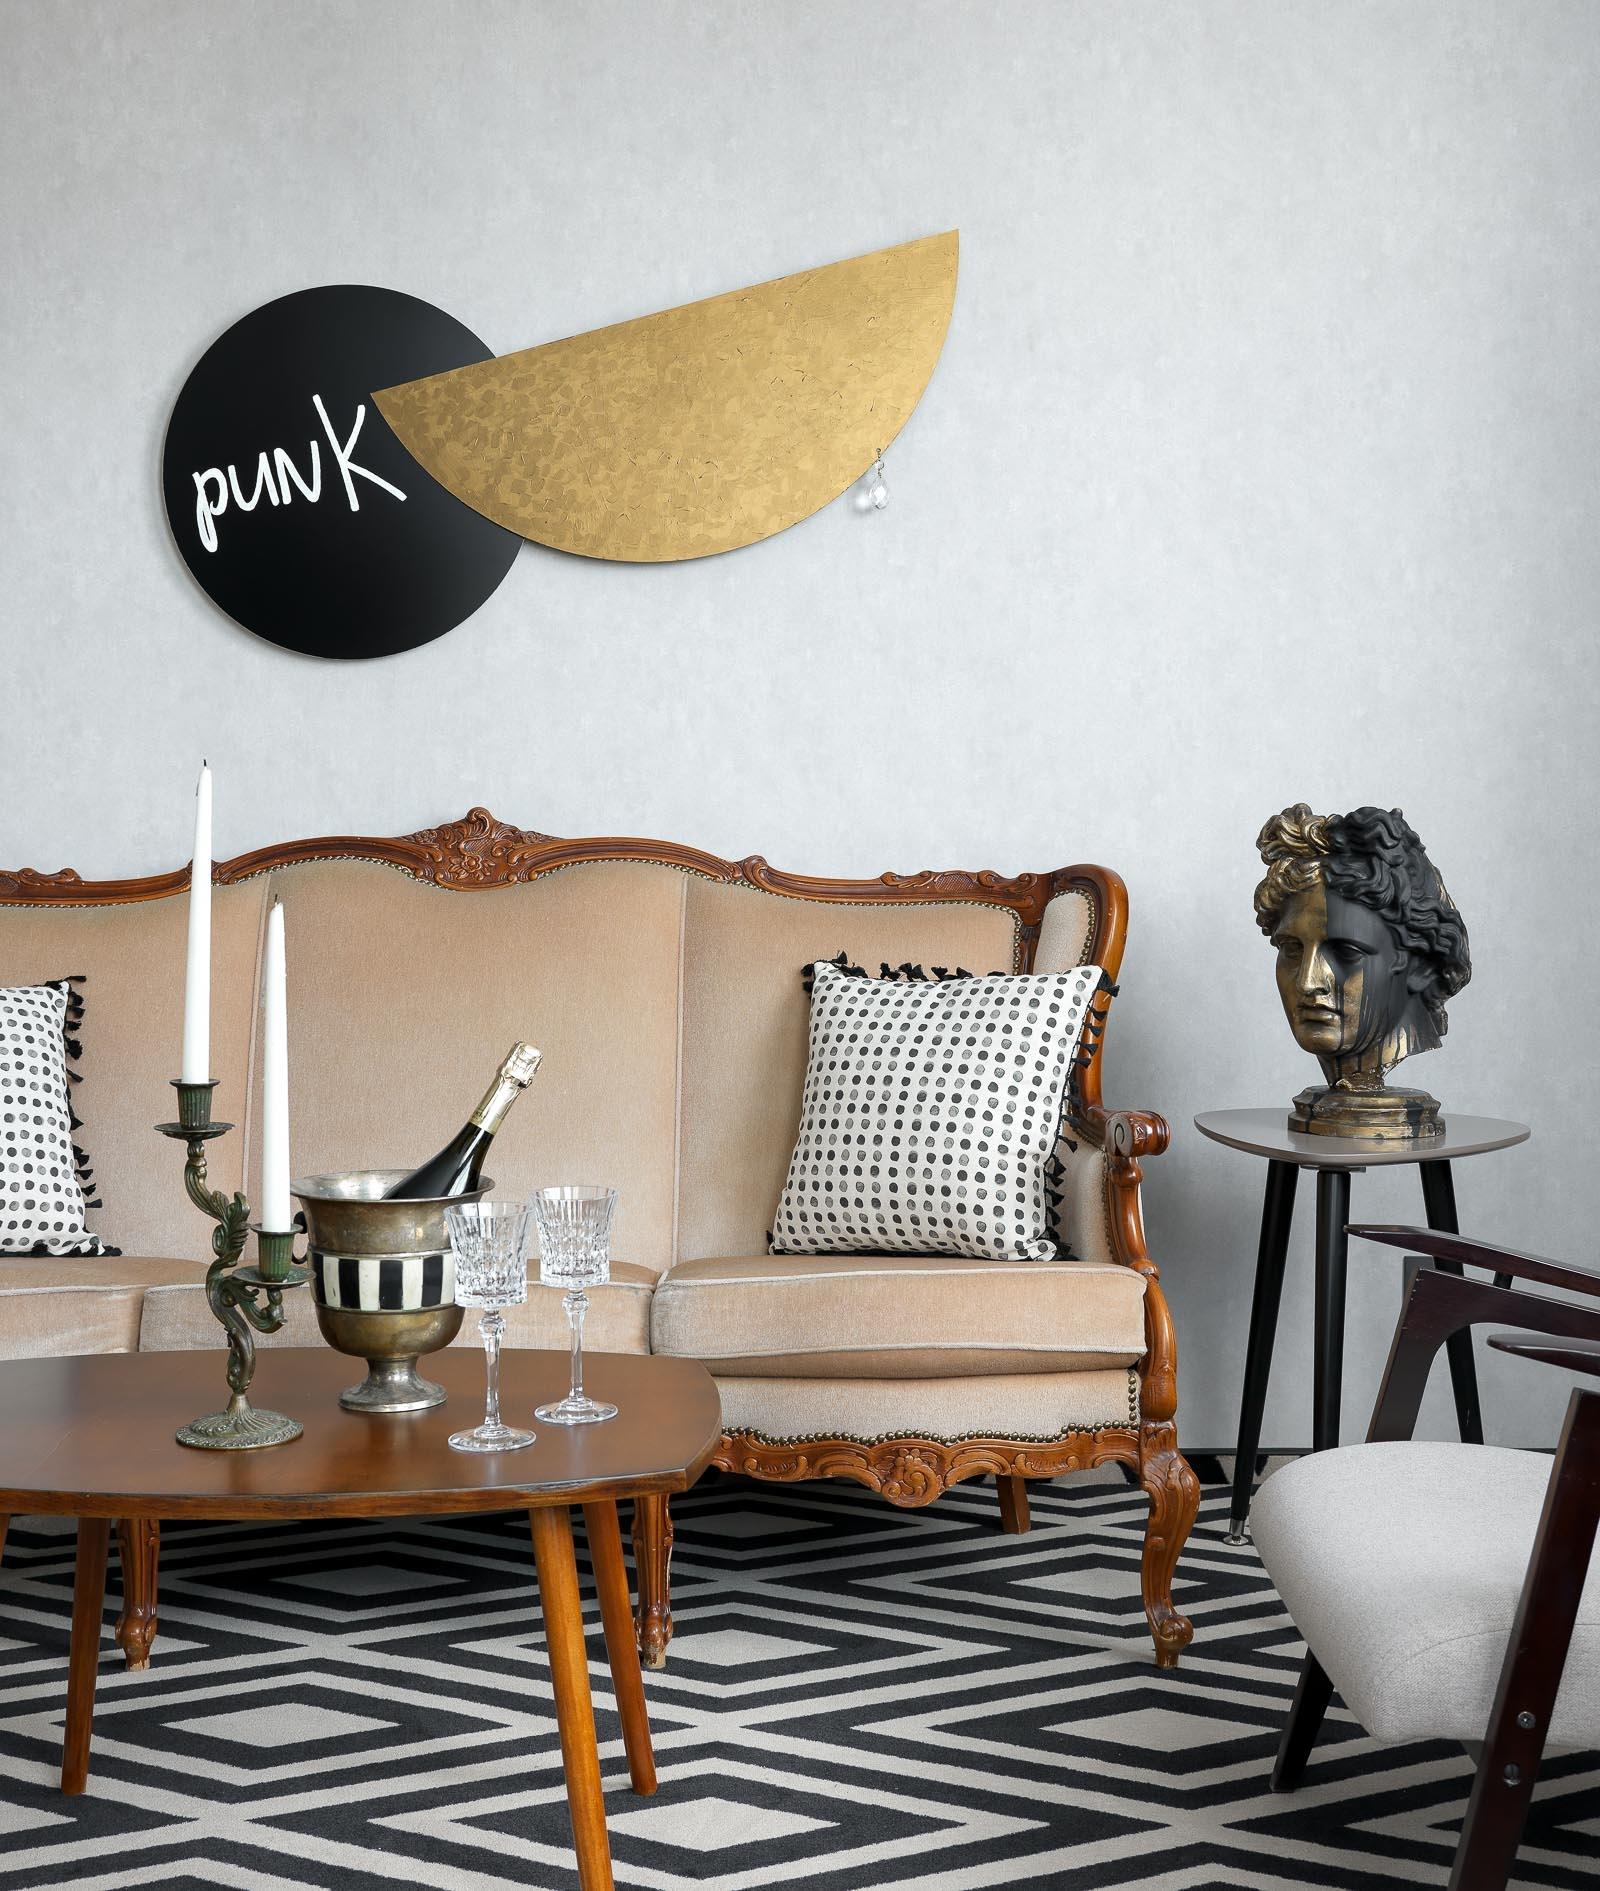 6d001bb6d9645 Номер superior. Винтажный диван, Франция. Кресло, столик, mid-century.